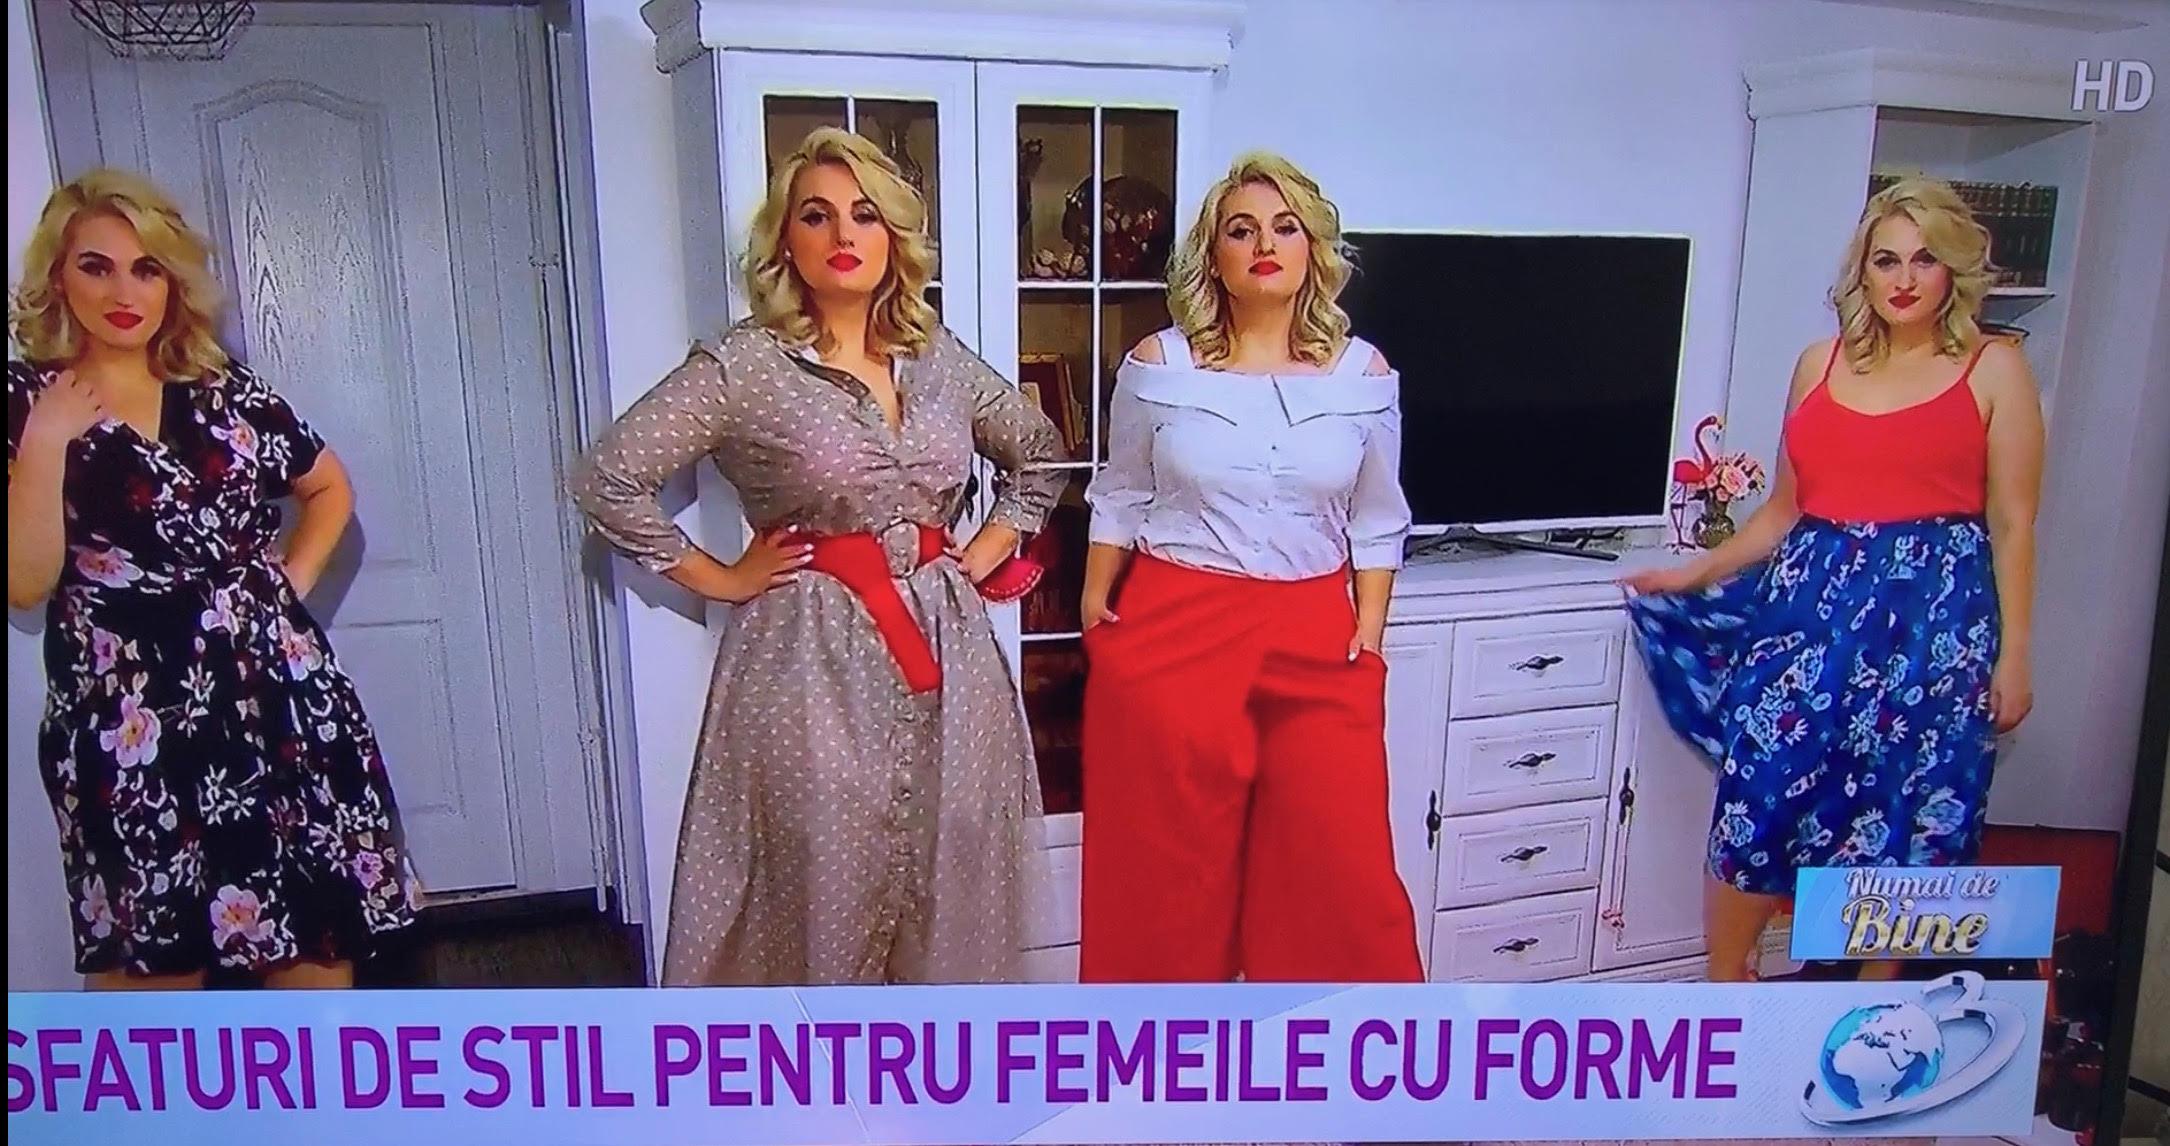 Trucuri de stil pentru femeile cu forme la emisiunea Numai de bine de la Antena 3